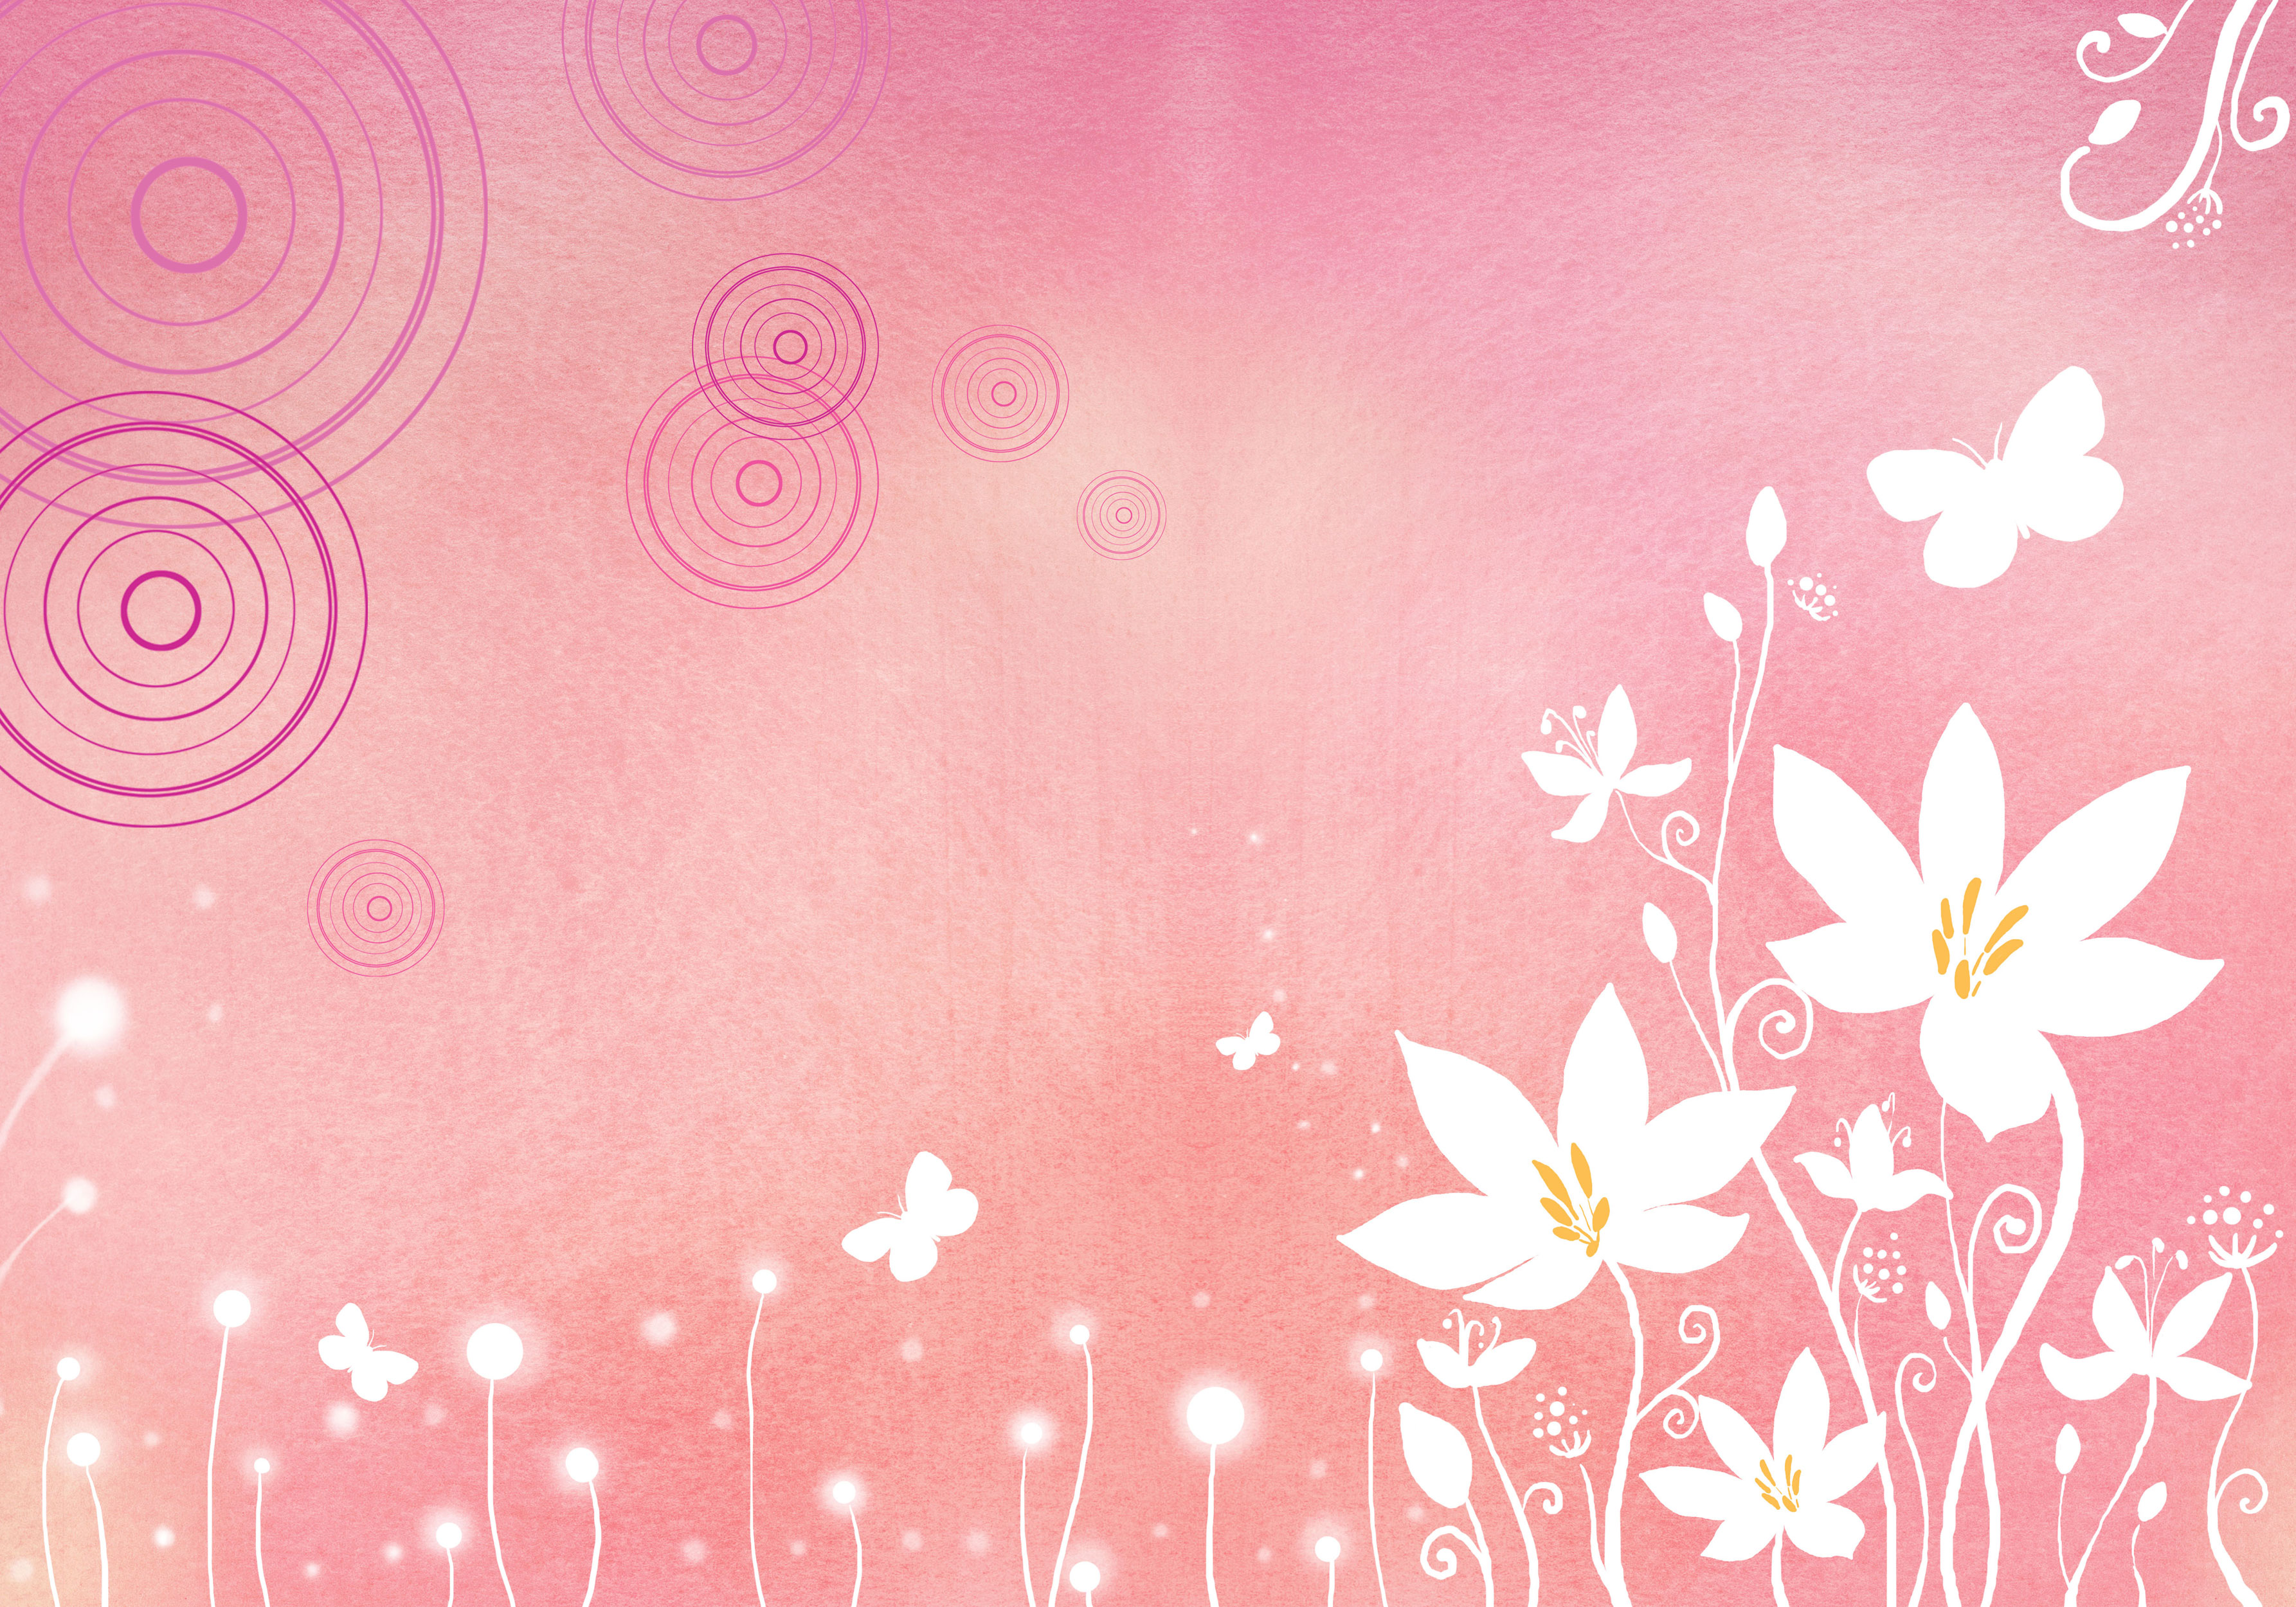 花のイラスト フリー素材 壁紙 背景no 753 ピンク 白抜き 蝶